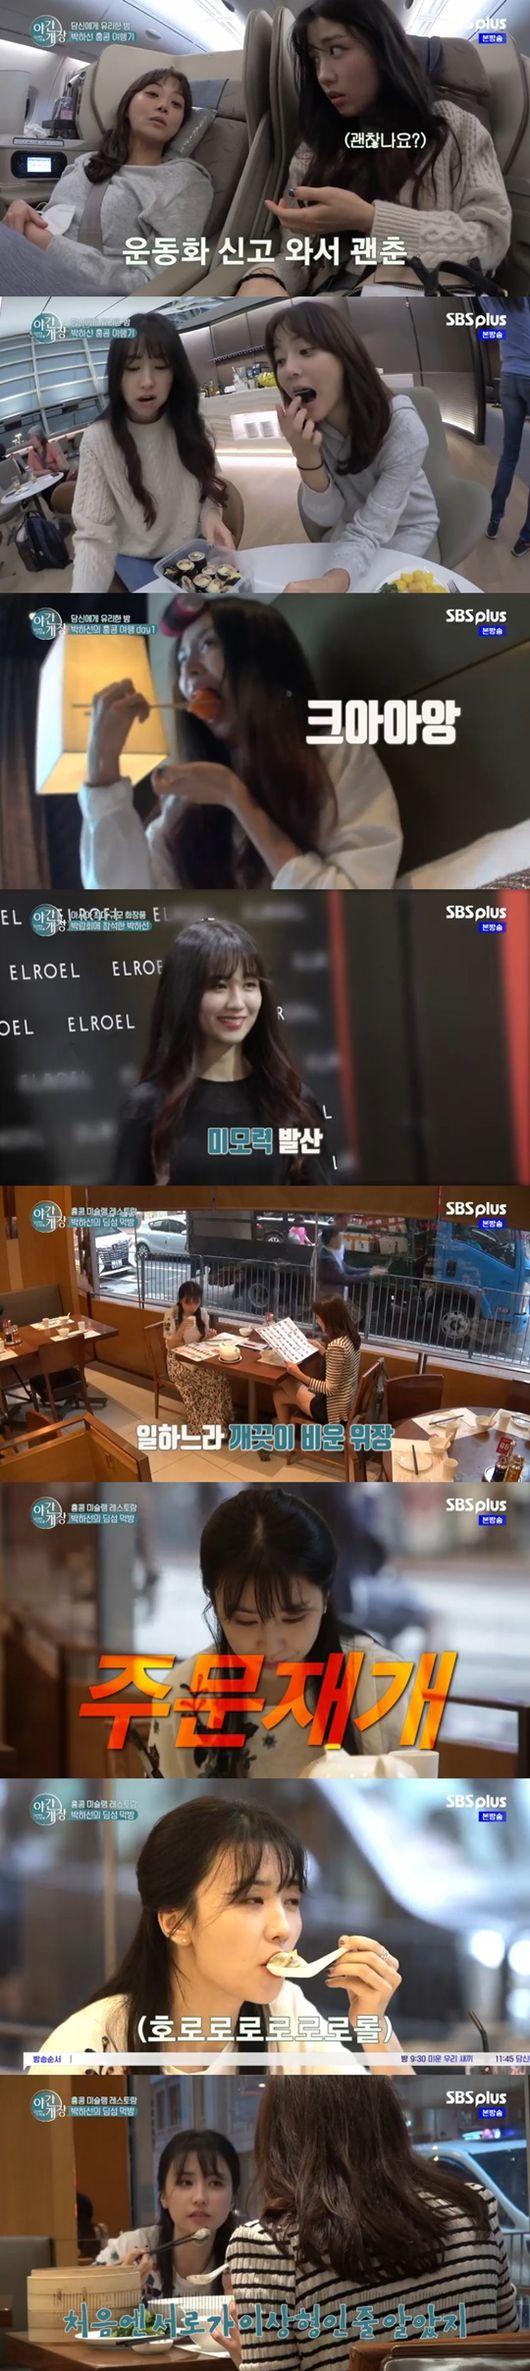 야간개장 박하선, 홍콩 딤섬 올킬한 먹방 여신(류수영♥) [종합]